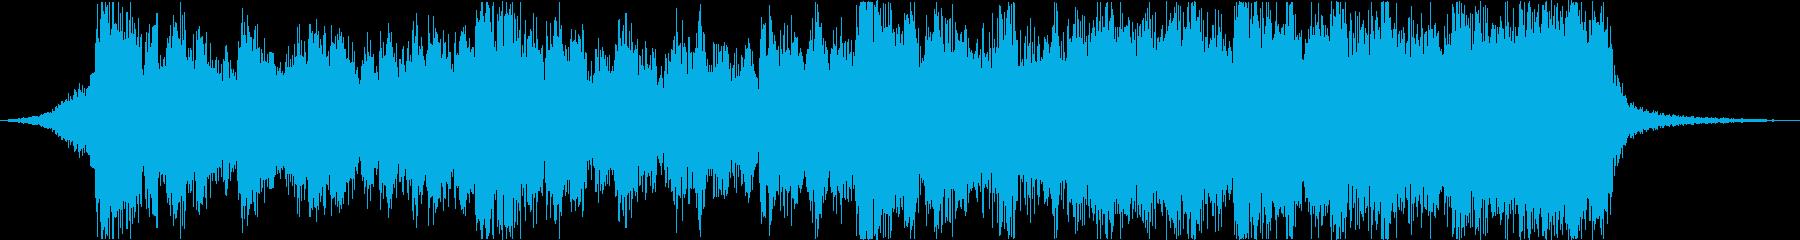 勇壮なハリウッド風エピックトレーラーfの再生済みの波形